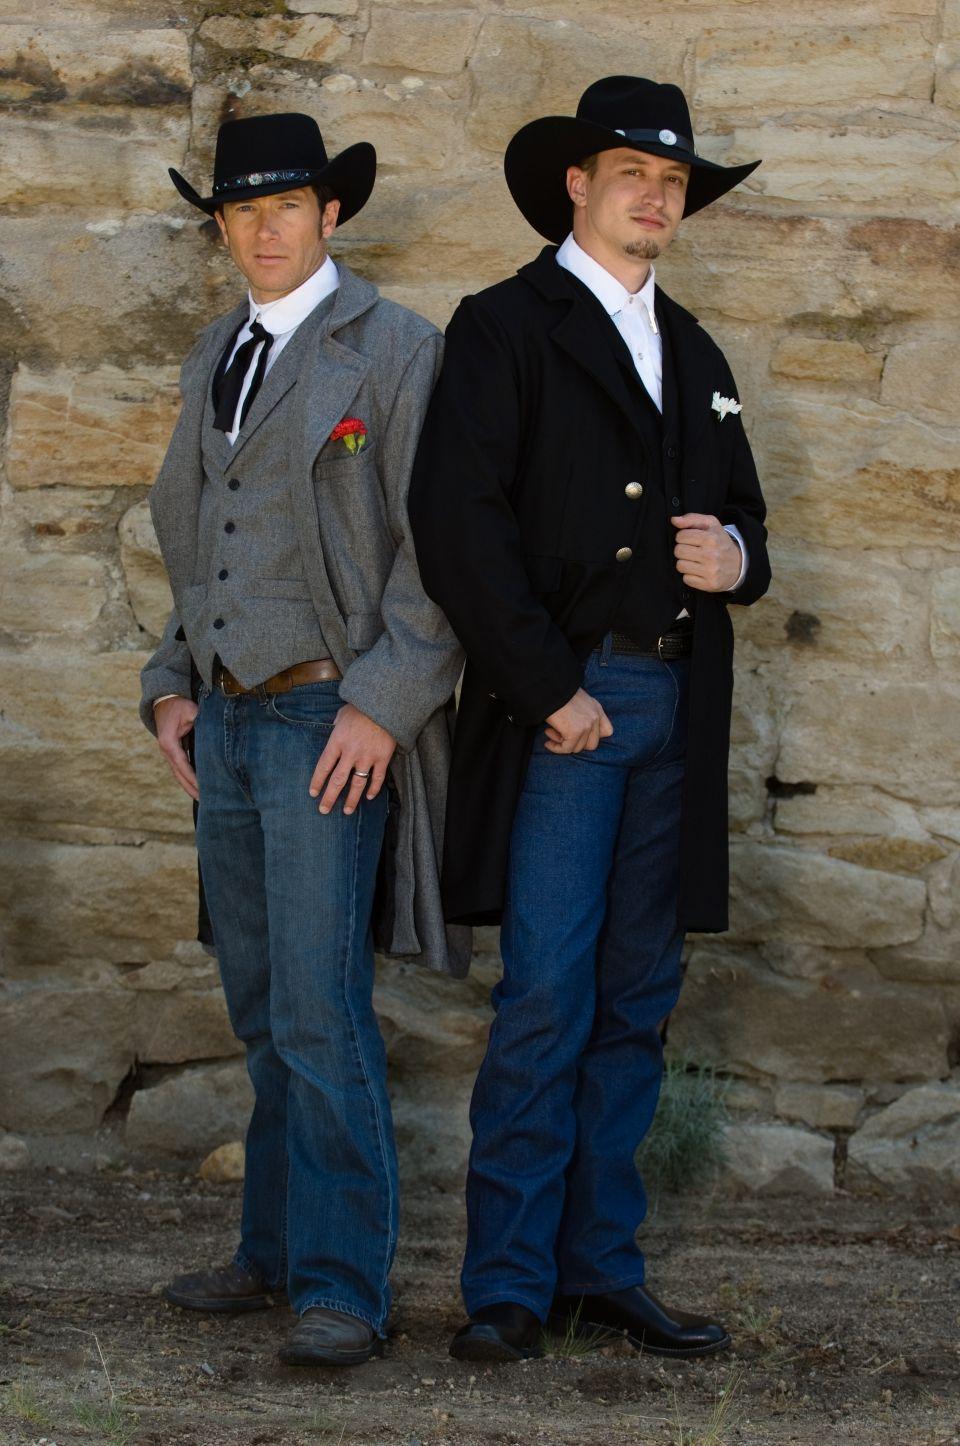 Wool Frock Coat Wedding Cowboy wedding attire, Mens